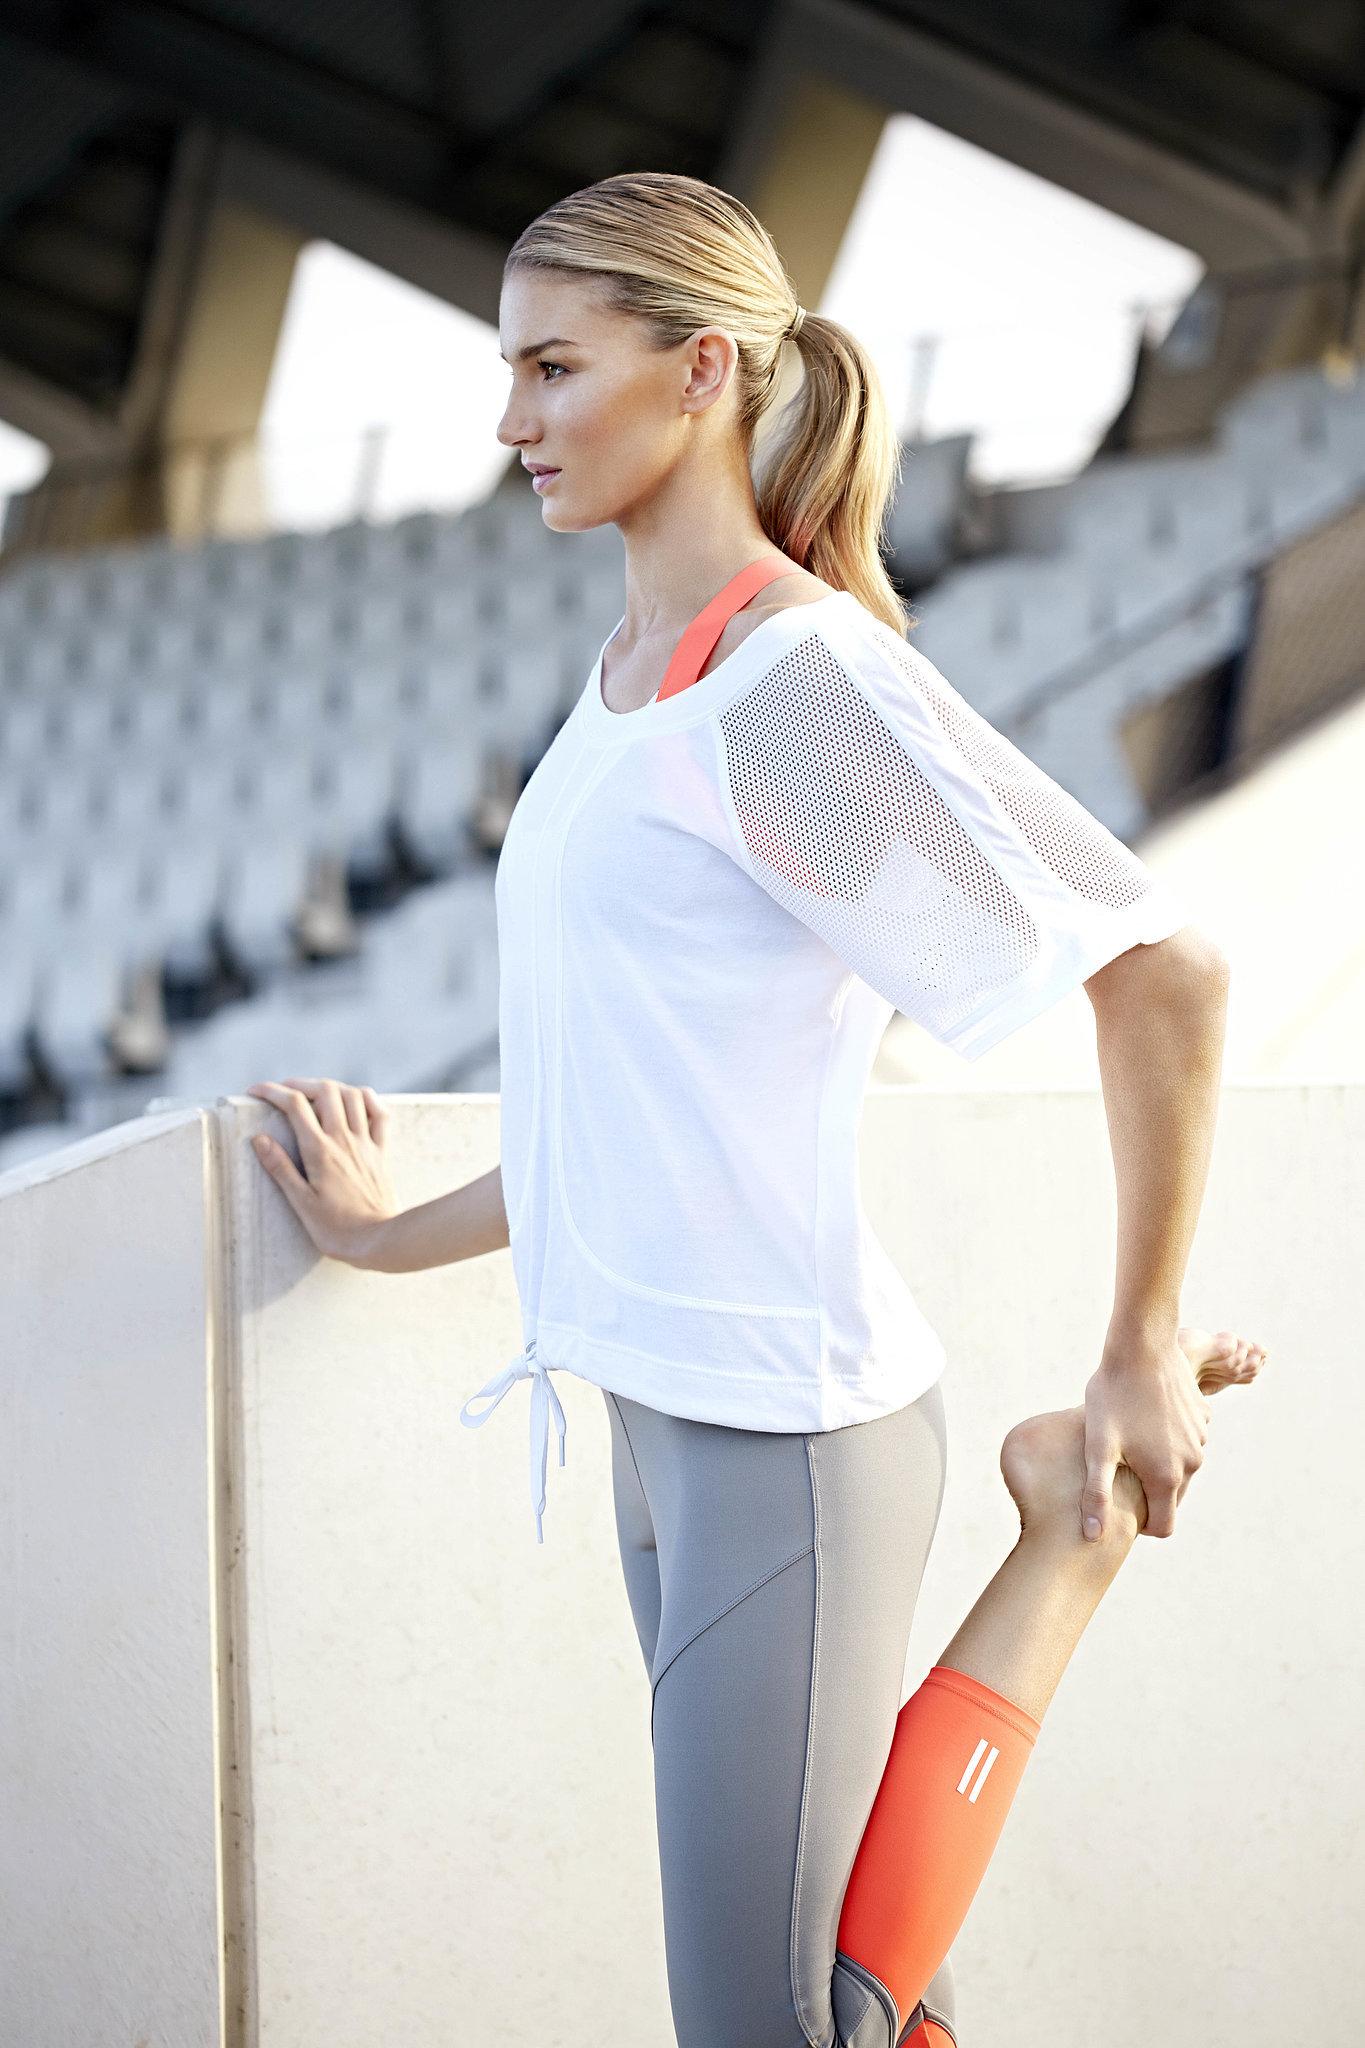 Breathe Oversized Mesh T Shirt Sprint Outline Bra